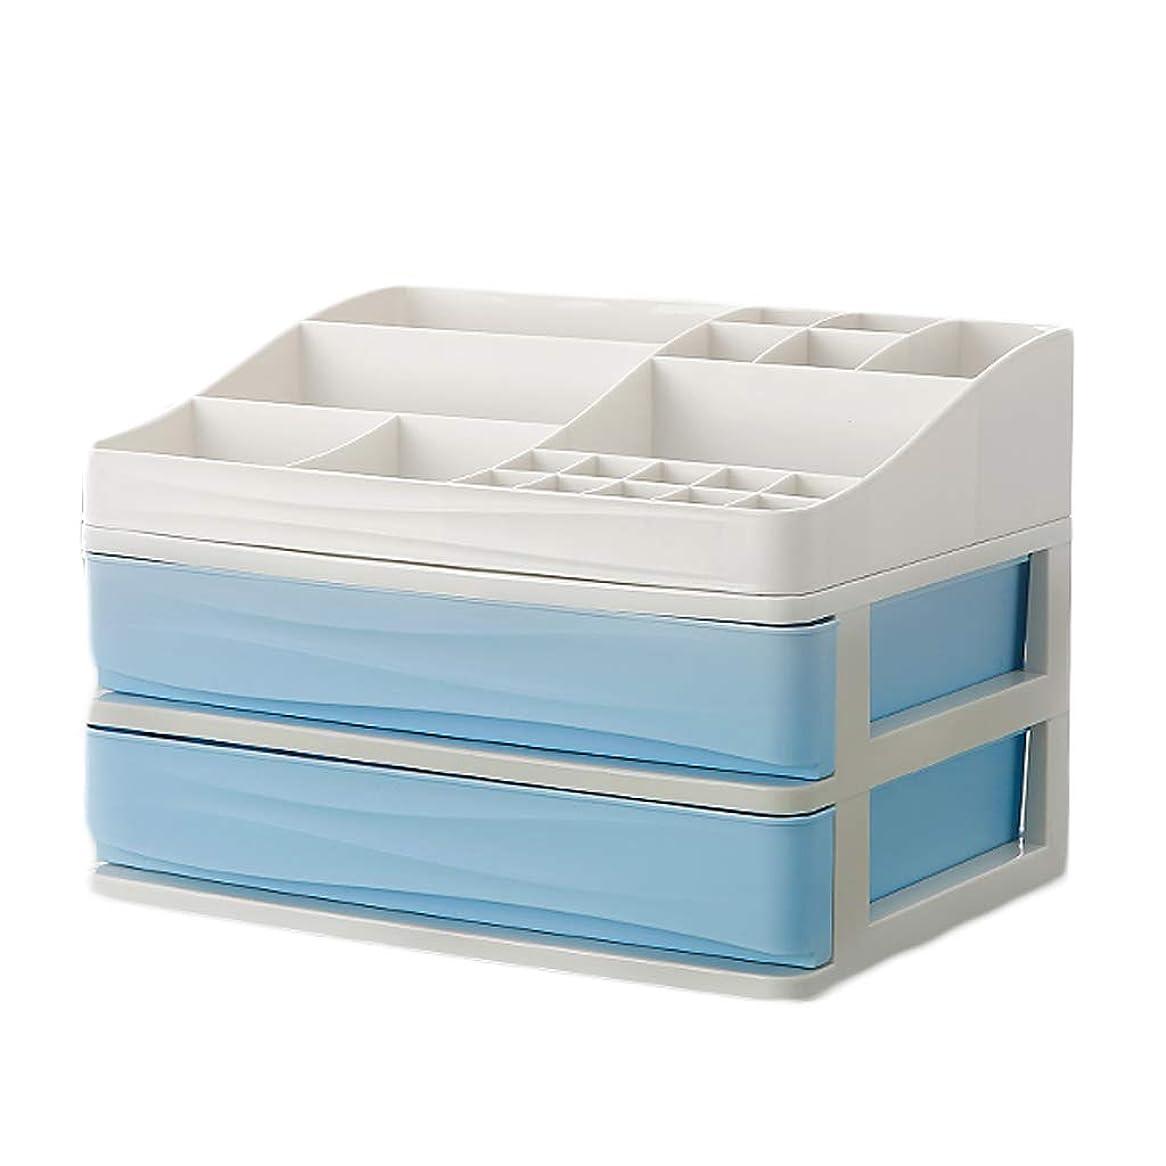 誘惑完璧な無条件引き出し型化粧品収納ボックスプラスチックホームベッドルームデスクトップ口紅スキンケア製品ショーケース(色:青)